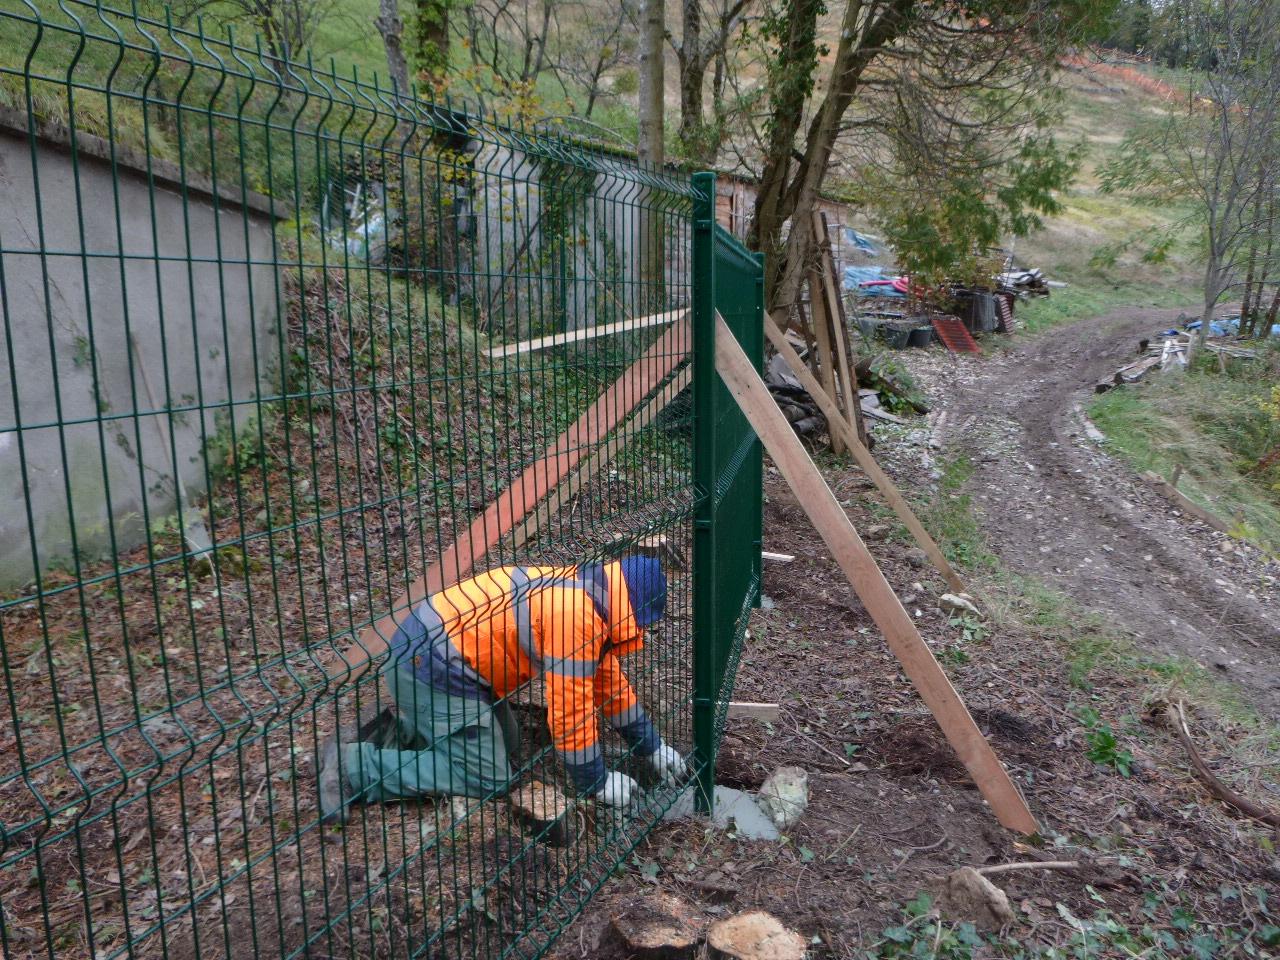 Réservoirs des Eaux de Grenoble : pose de clôtures sur les zones sécurisées suite aux chutes d'arbres